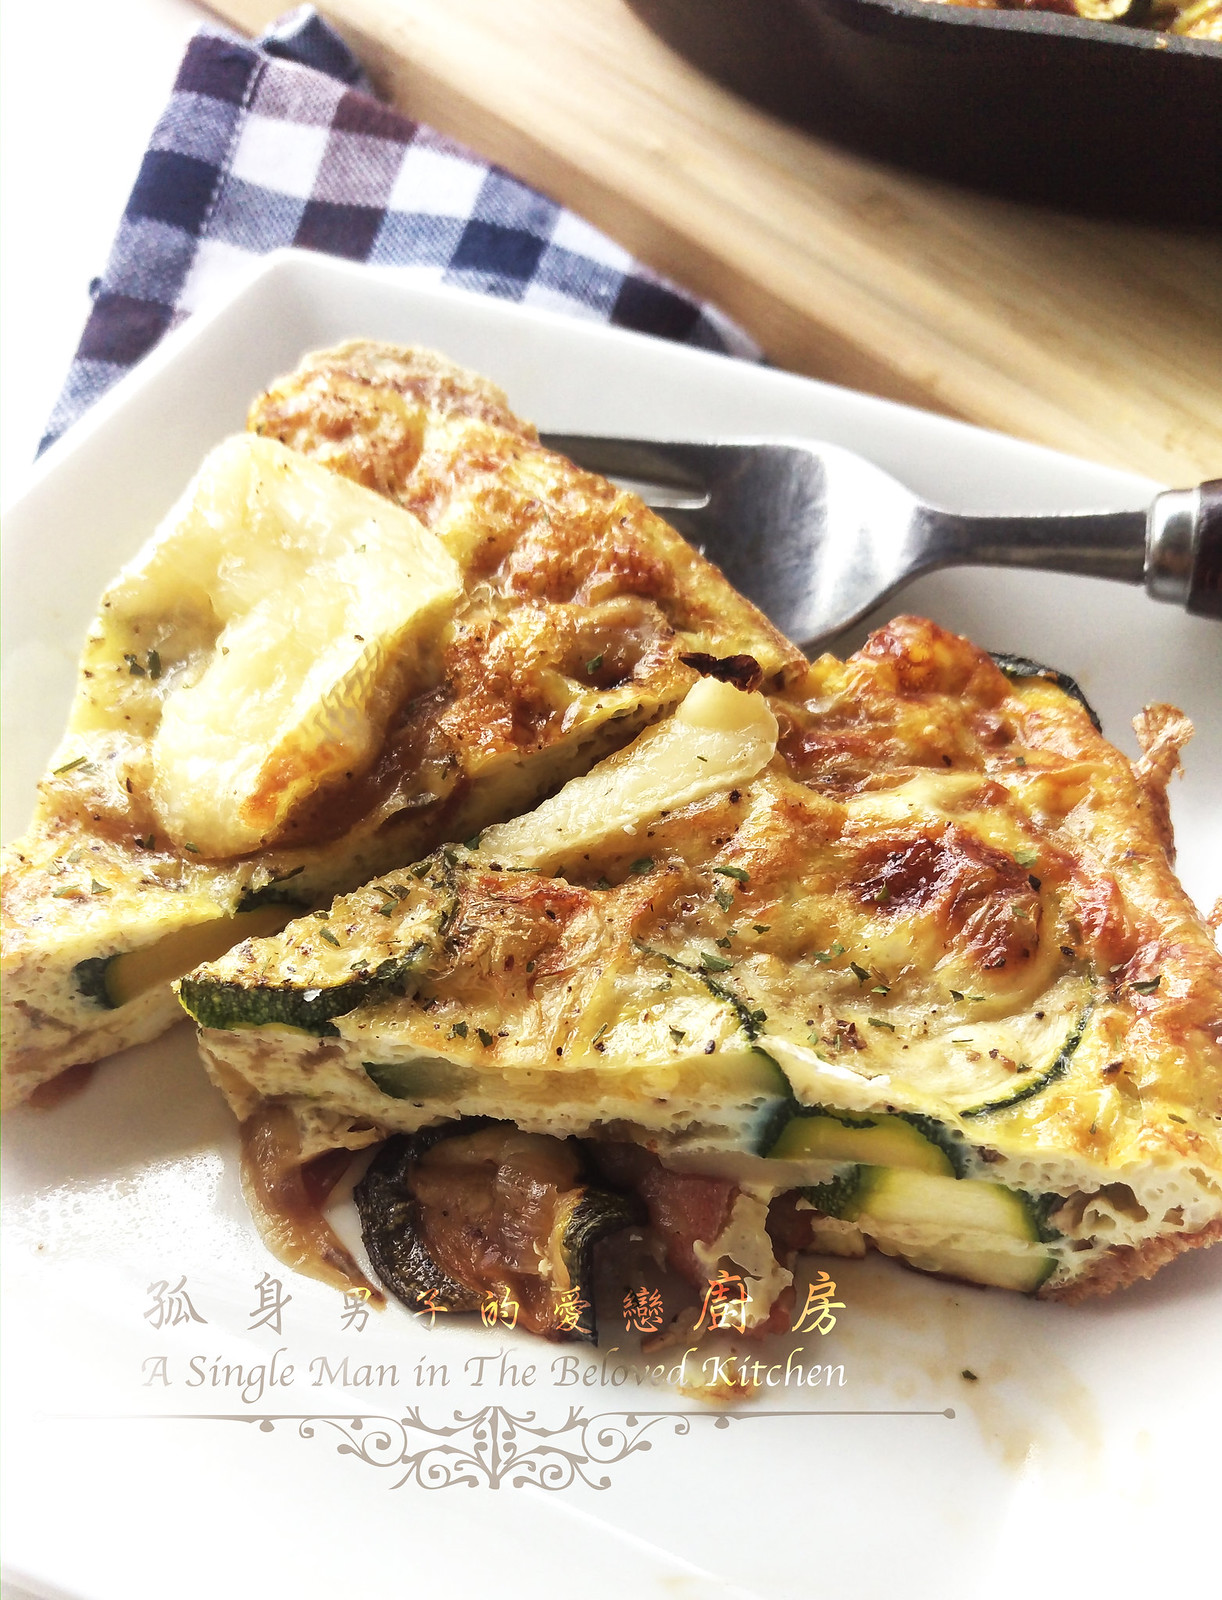 孤身廚房-清冰箱簡單早午餐!培根野菇櫛瓜義式烘蛋Frittata23